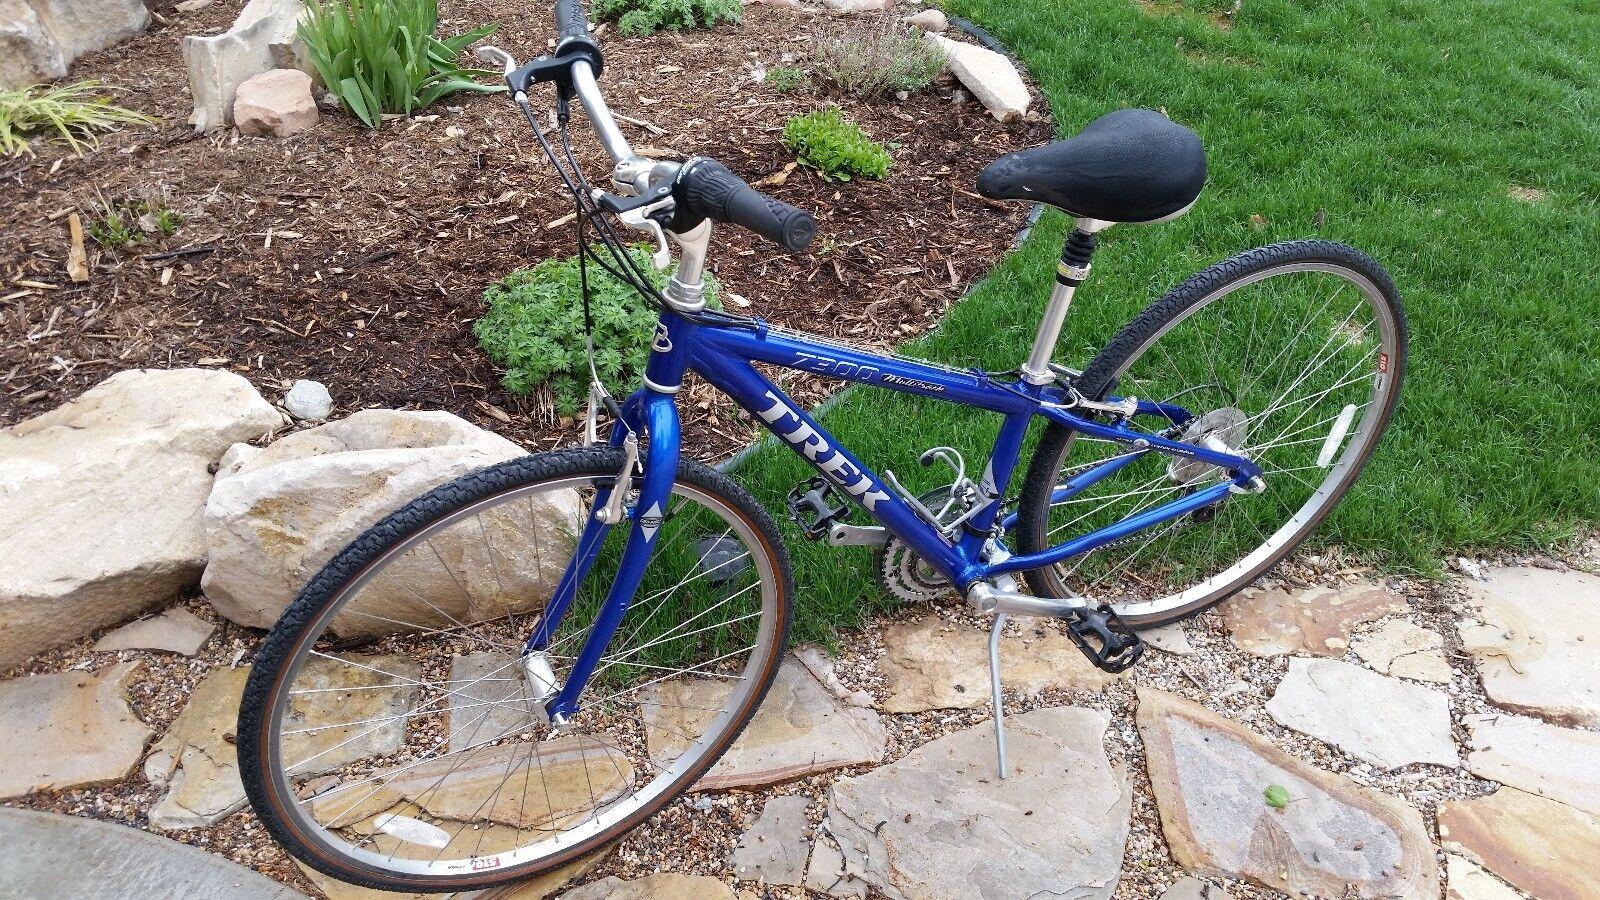 """Trek Multitrack 7300 Fitness Hybrid Bike, Blue, 13"""" frame, 700c wheels."""